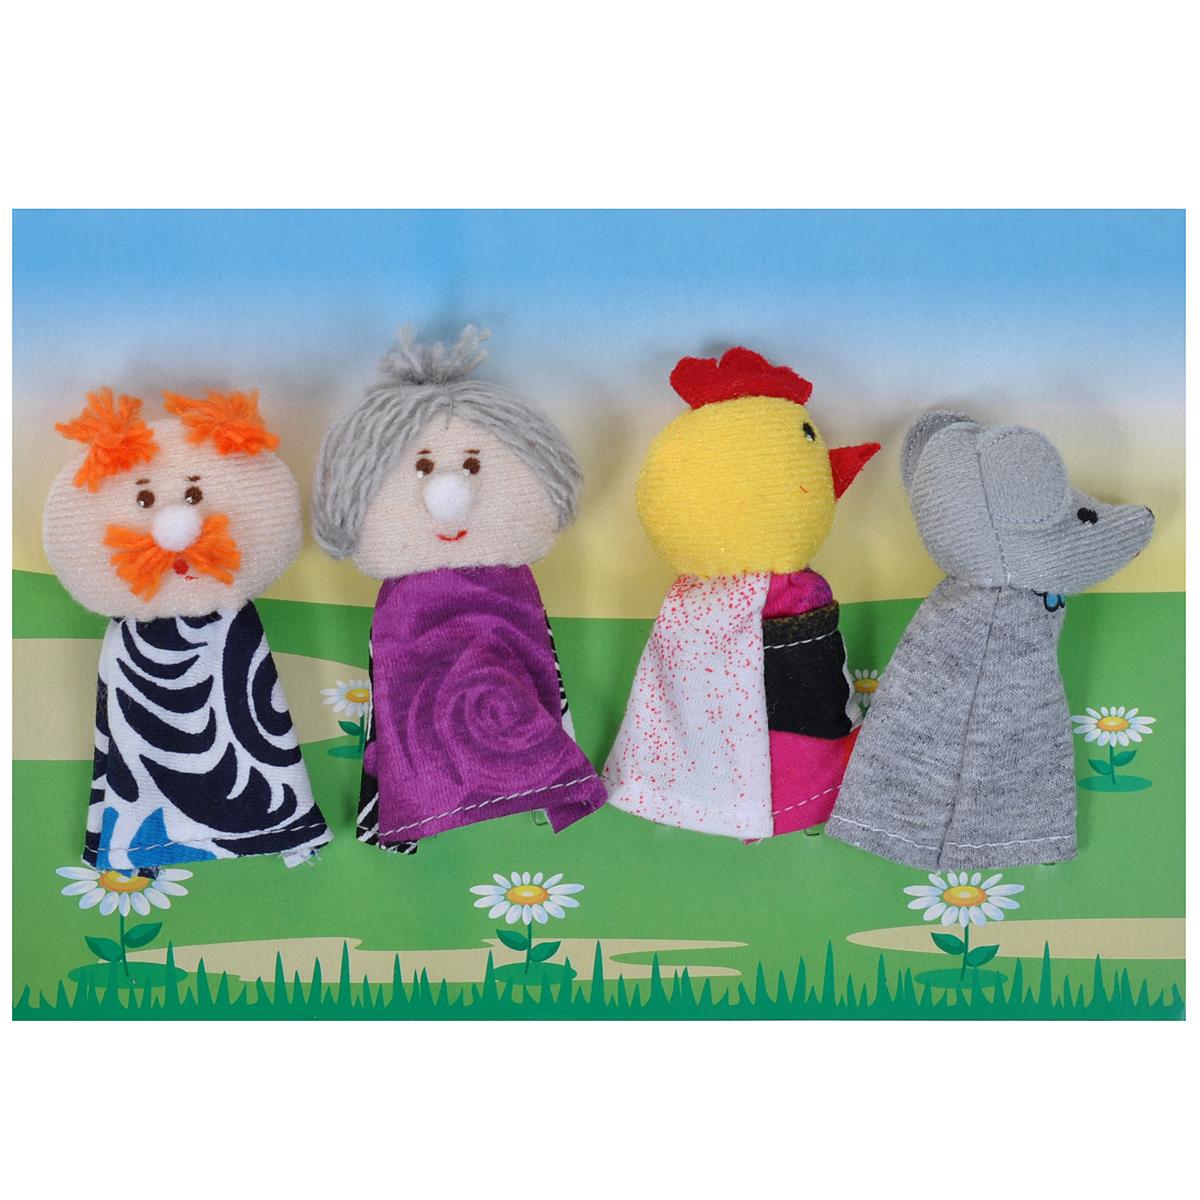 Пальчиковый театр Курочка Ряба, 4 предмета017.06Пальчиковый театр Курочка Ряба - это набор развивающих мягких игрушек, состоящий из фигурок надеваемых на пальцы руки взрослого или ребенка. В комплекте пальчиковые куклы, 4 штуки: дед, бабка, курочка Ряба, мышка. Рекомендуем работать разными парами пальцев, разными руками и обеими руками одновременно. Фигурки изображают известных сказочных героев. Все персонажи очень яркие, мягкие. Маленькие фигурки пальчикового театра создадут Вам компанию во время прогулки или посещения поликлиники, в дороге. Они не займут много места в маминой сумочке и помогут развлечь малыша. С их помощью можно оживить любимые стихи, сказки, потешки. Незамысловатая игрушка развивает интонацию, исполнительские умения, творческие способности в передаче образа, мелкую моторику. Театрализованные игры создают эмоциональный подъем, повышают жизненный тонус ребенка. Характеристики: Материал: текстиль. Высота одной фигурки: 8 см Размер упаковки: 25,5 см x 24 см x 1,5 см. ...